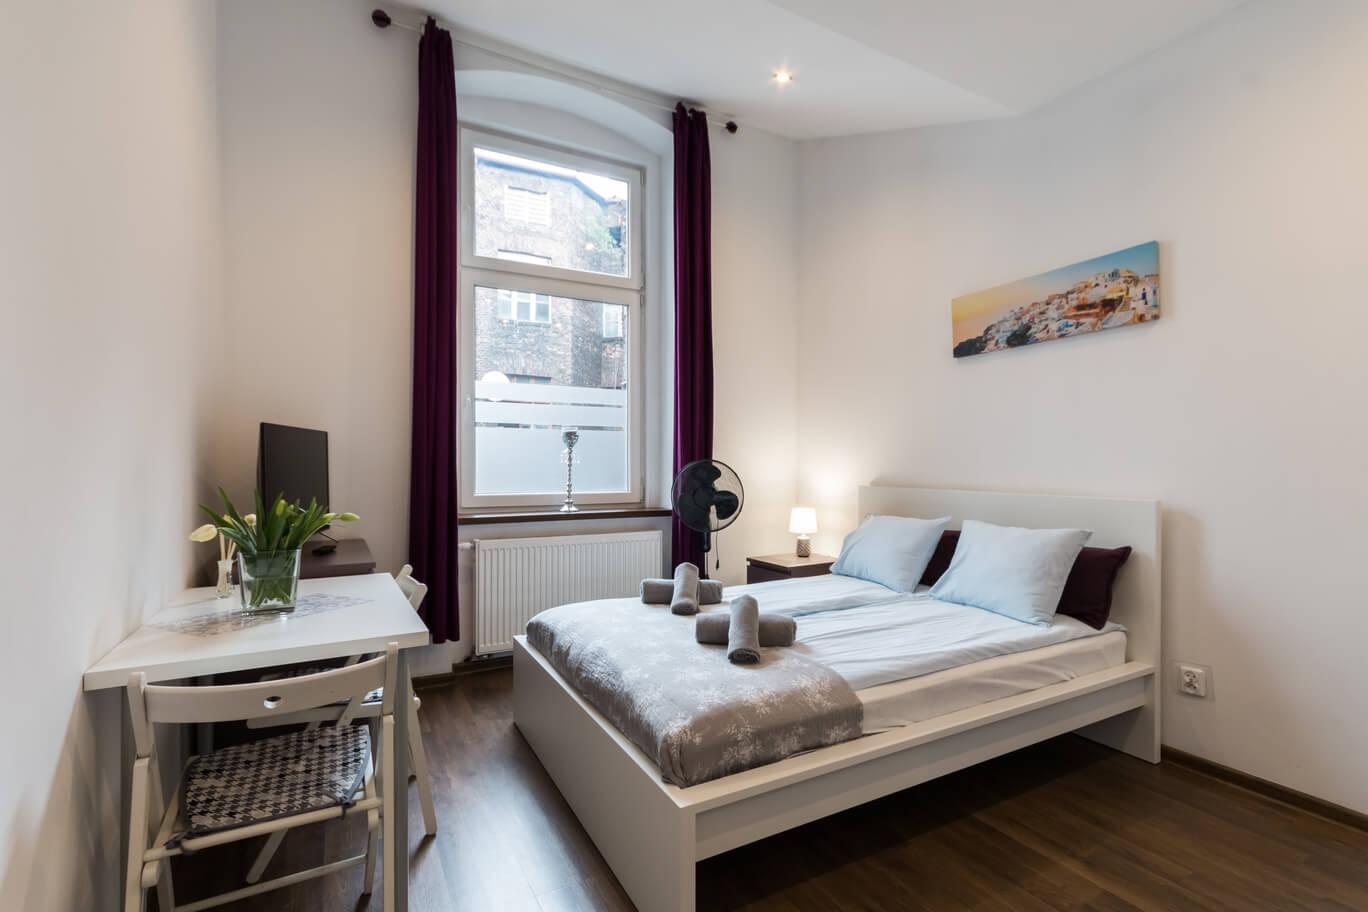 Apartament Studio Ecdonomy - Pokój